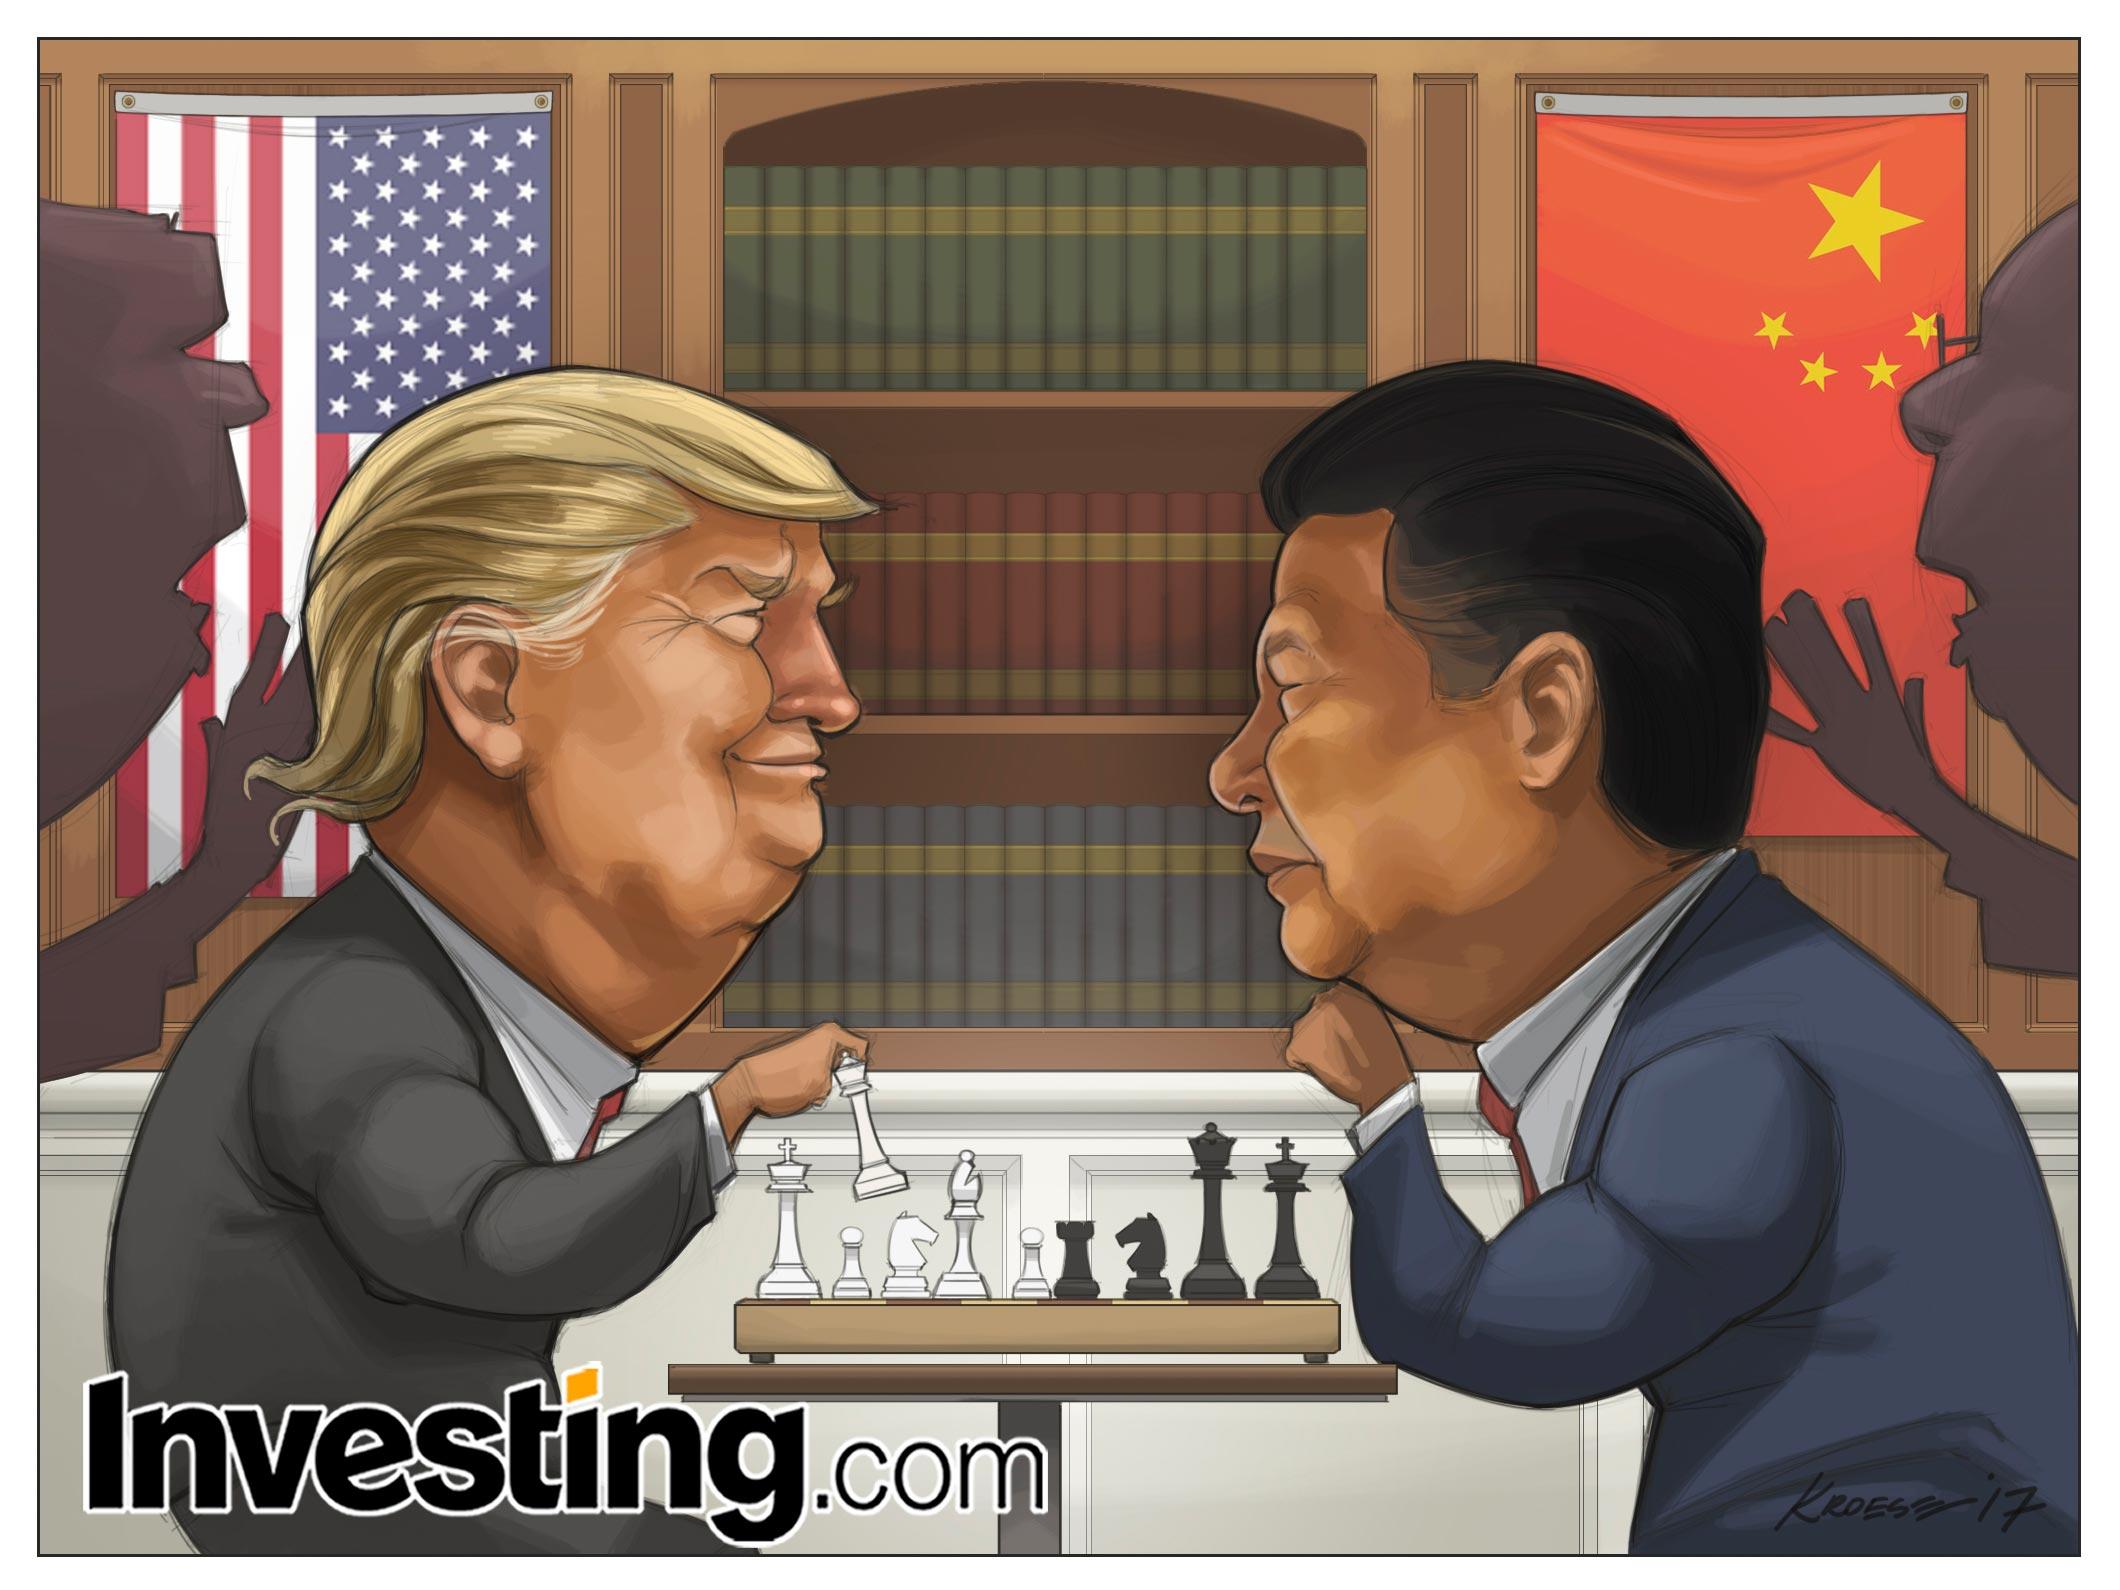 2大国首脳間の心理戦は激しさを増す